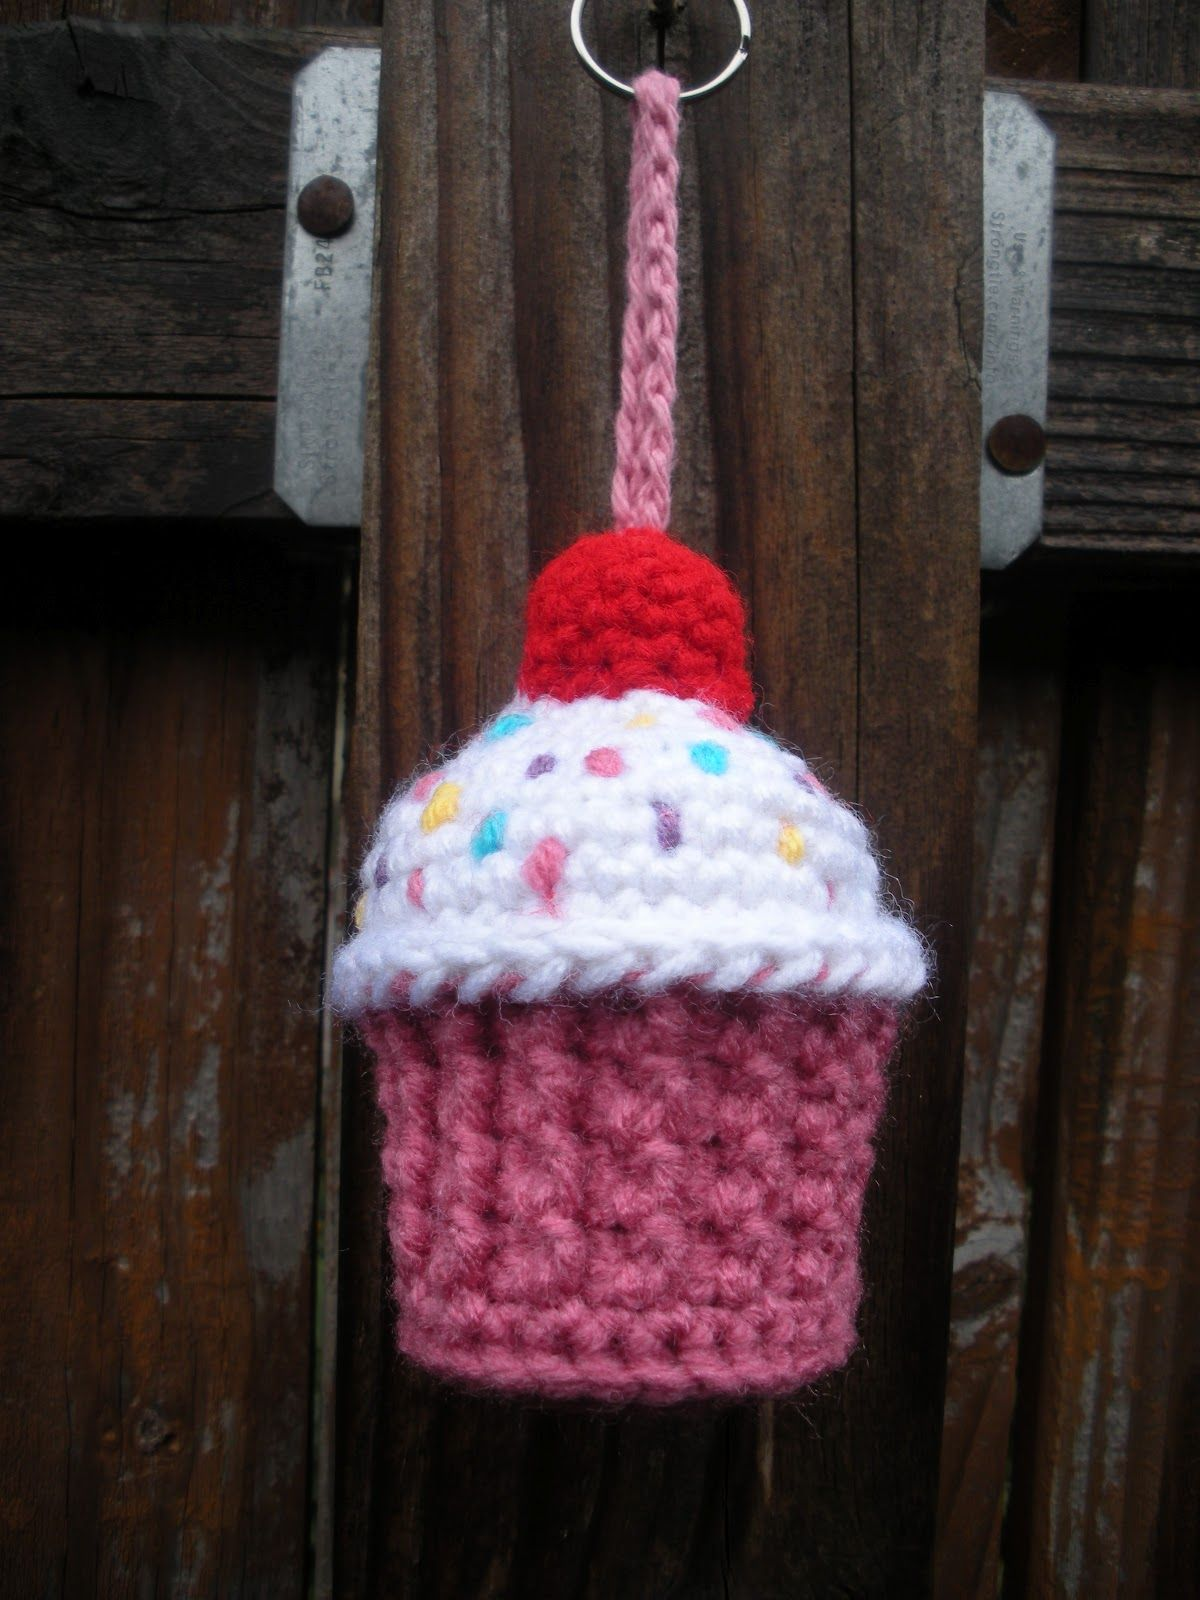 Crochet cupcake key chain세계적카지노 vt777.com  스타카지노 내국인카지노